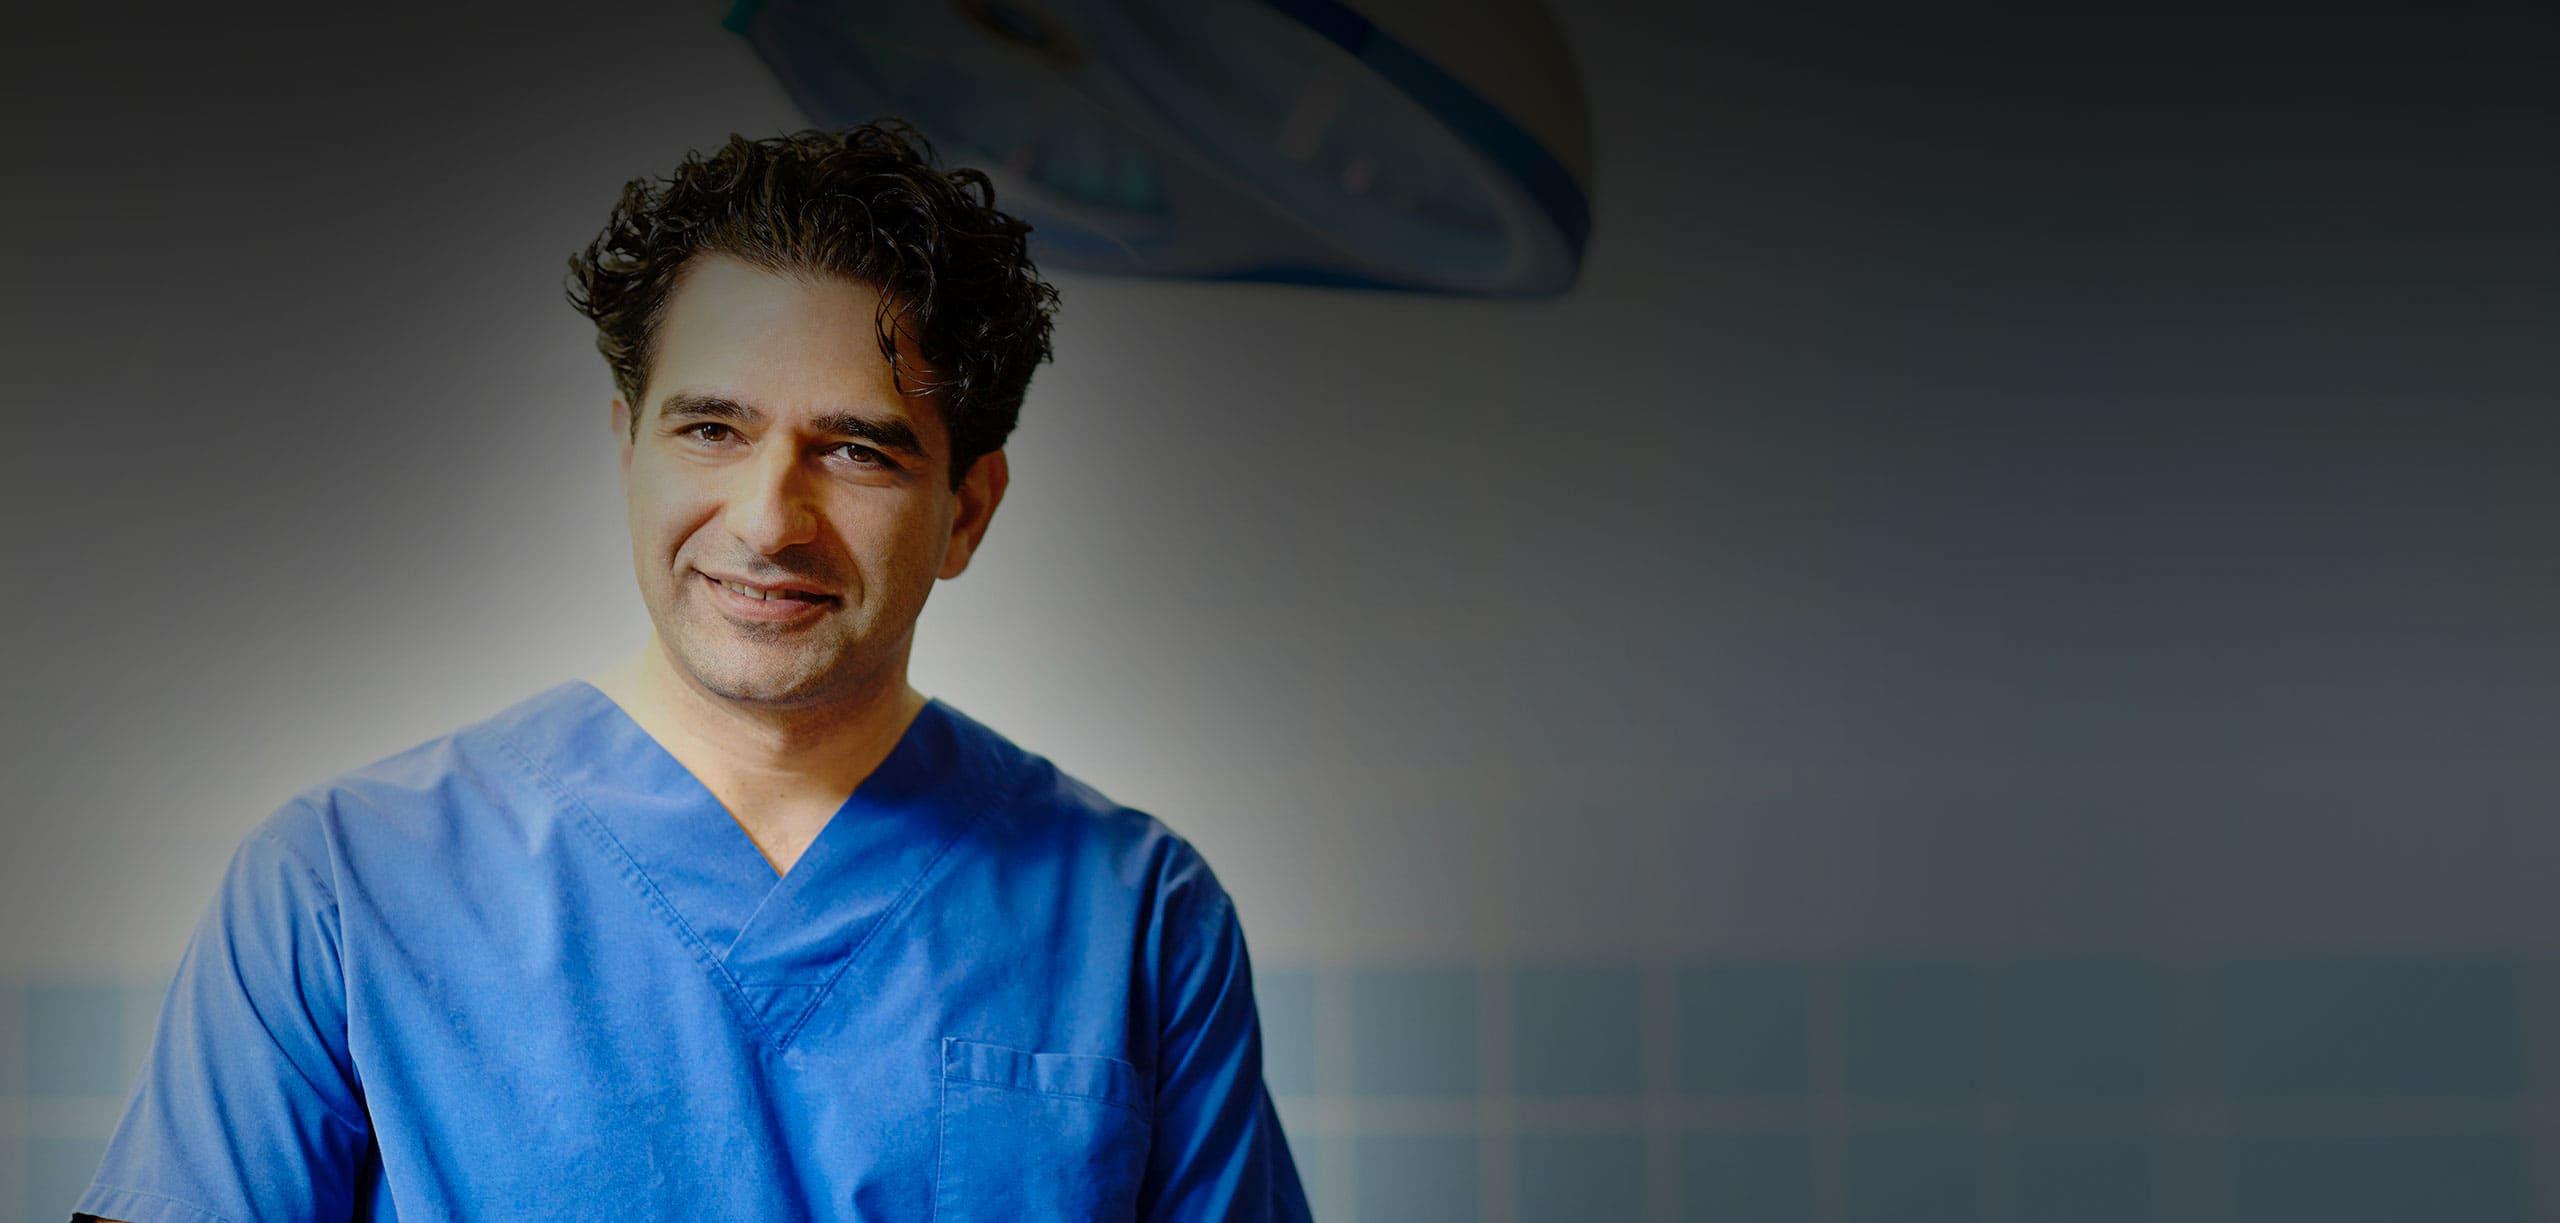 Dr. Hambarchian in blauem Chirurgenkittel im Schönheit OP-Saal